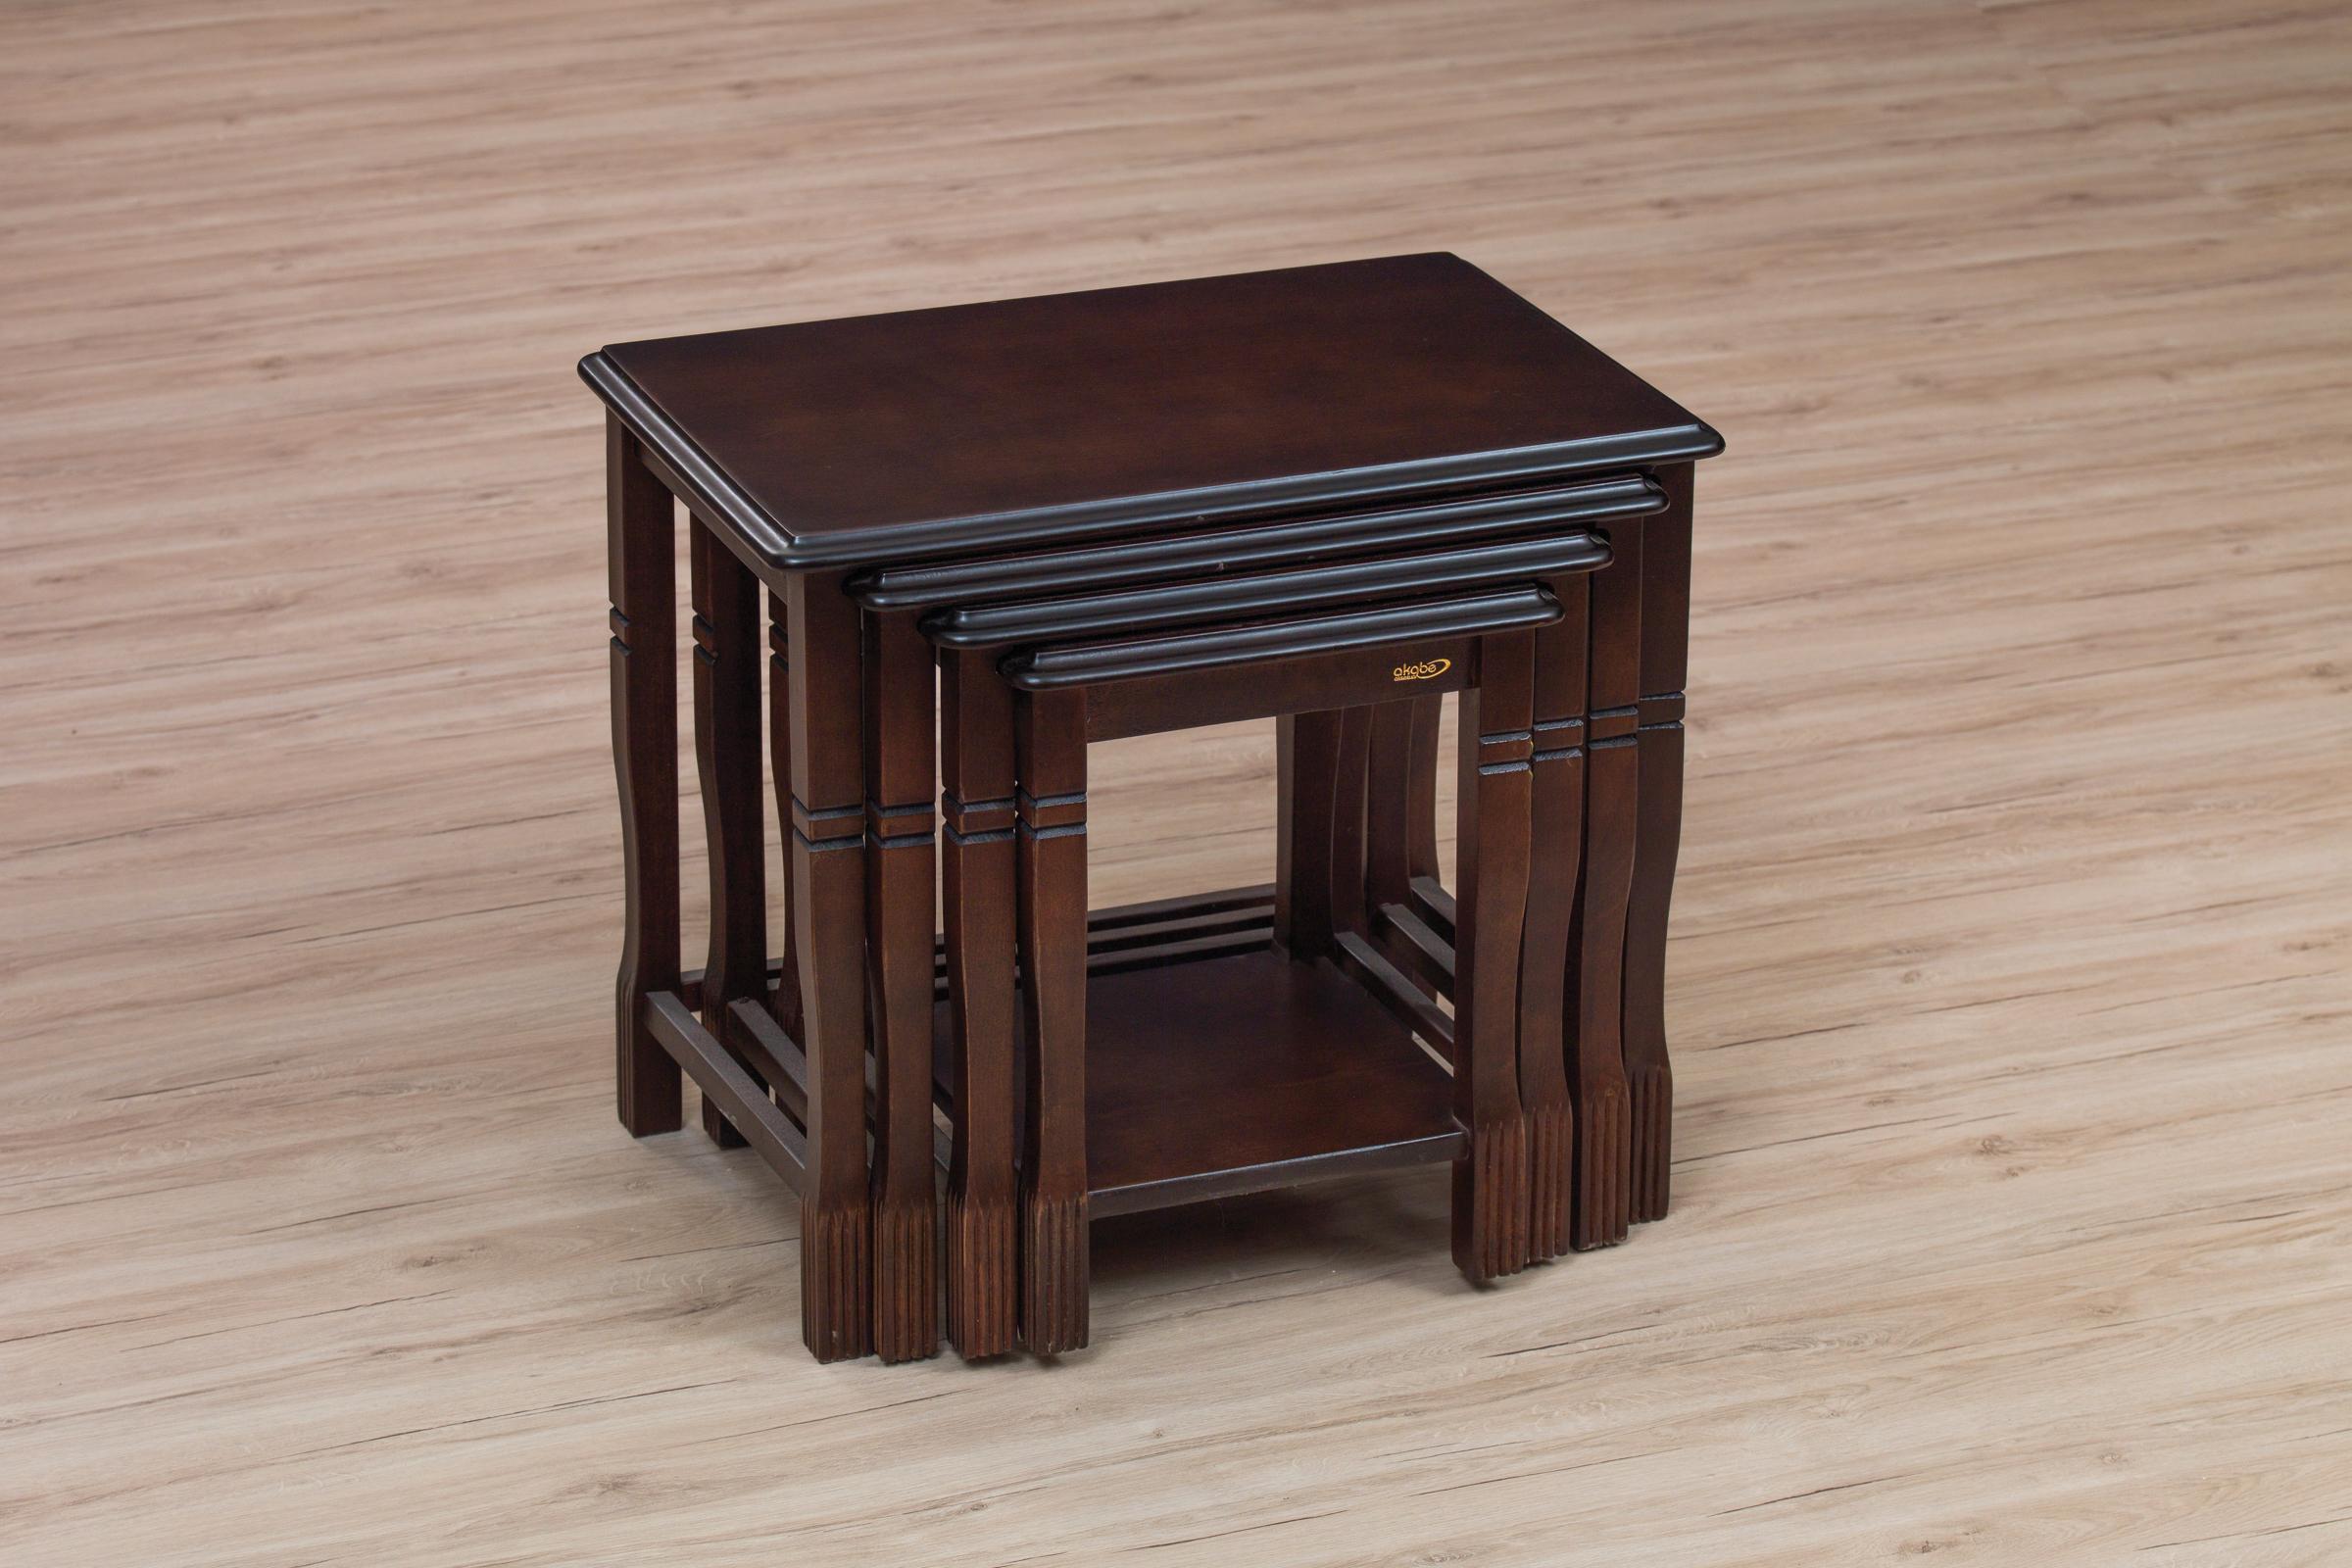 113 COFFE TABLE SET 4 PART